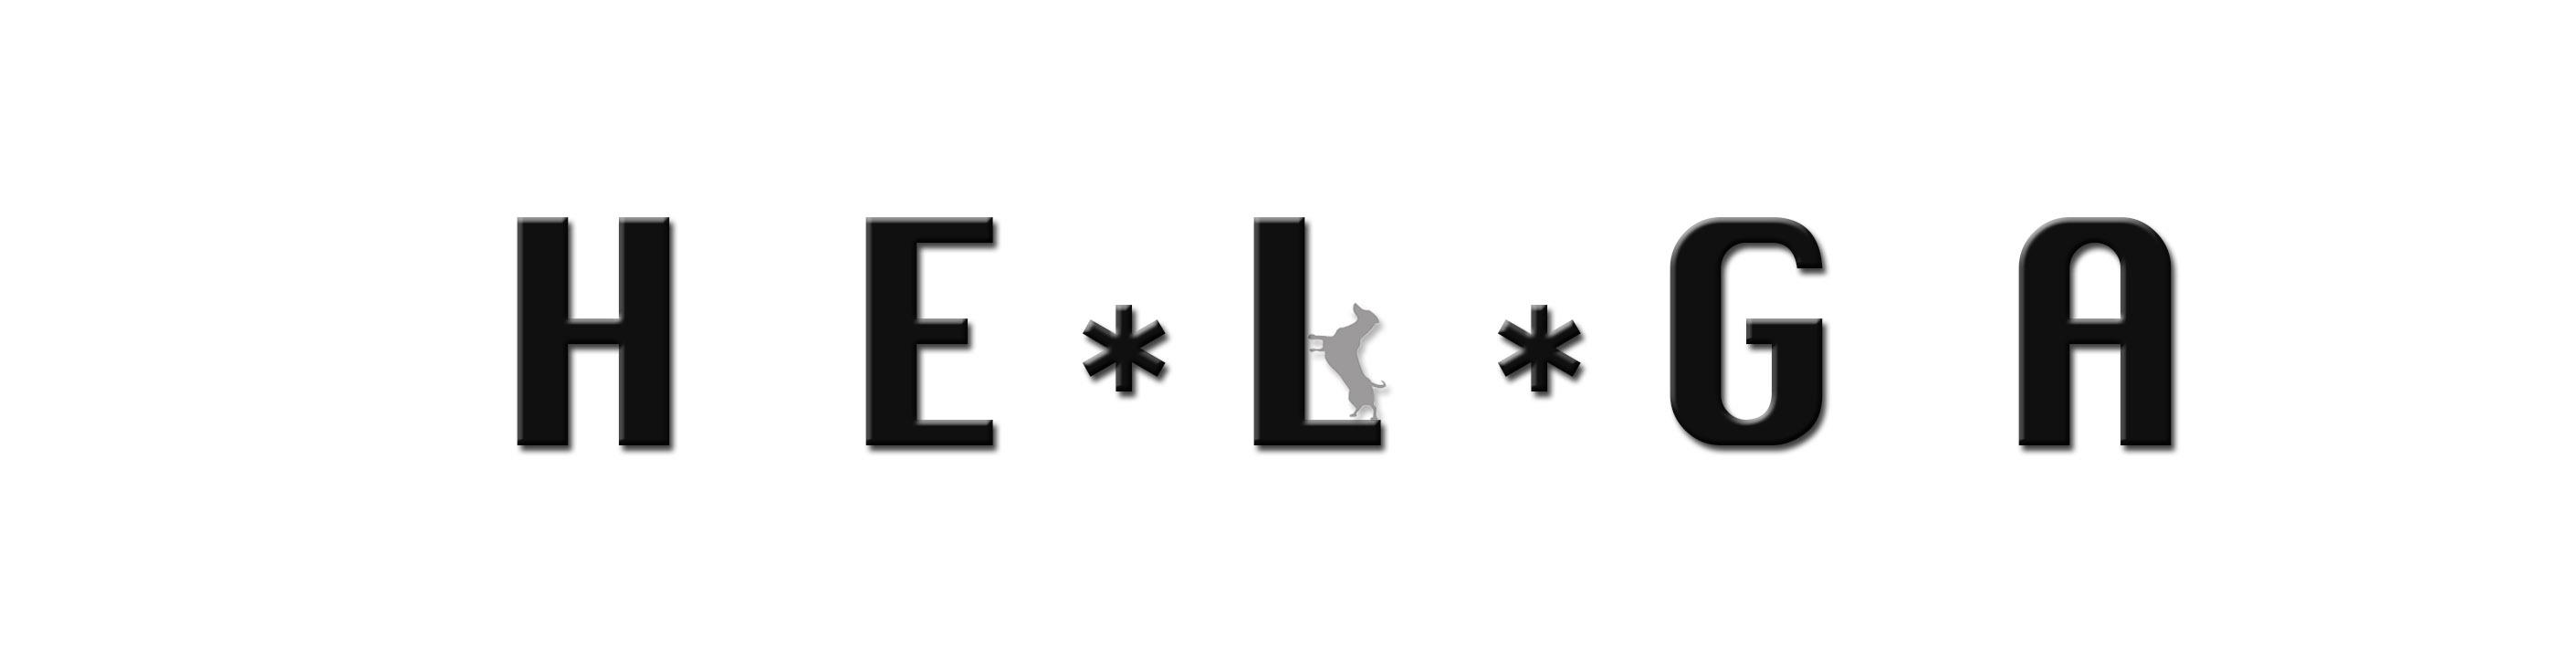 Helga From Sweden Logo